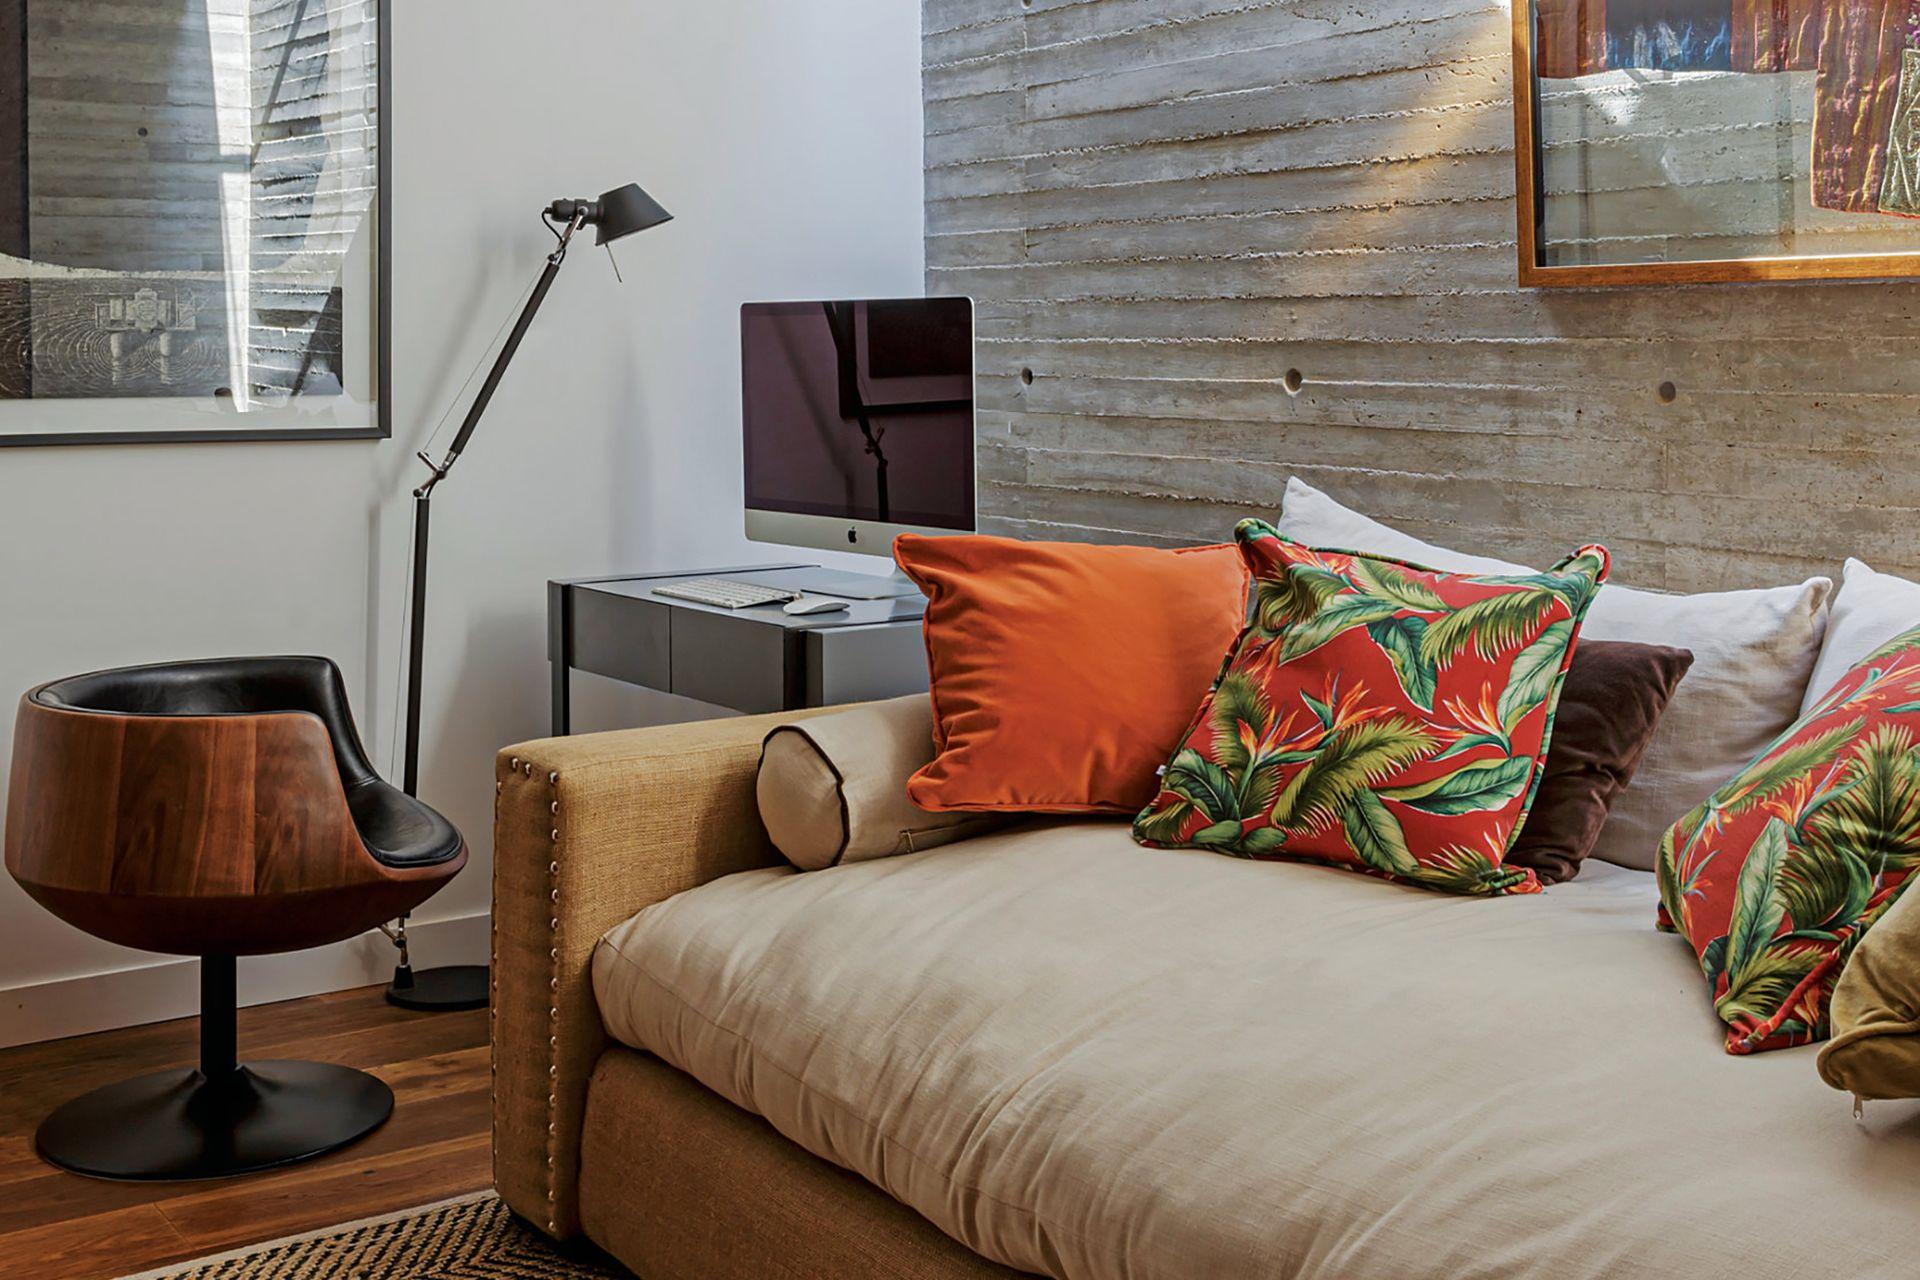 En el hall de entrada a los dormitorios de los chicos, sofá (Fradusco), escritorio laqueado (diseño del Estudio), sillón individual giratorio (Paul French Gallery), alfombra (Mihran) y lámpara Artemide de pie negro (Alejandro Lo Grasso).